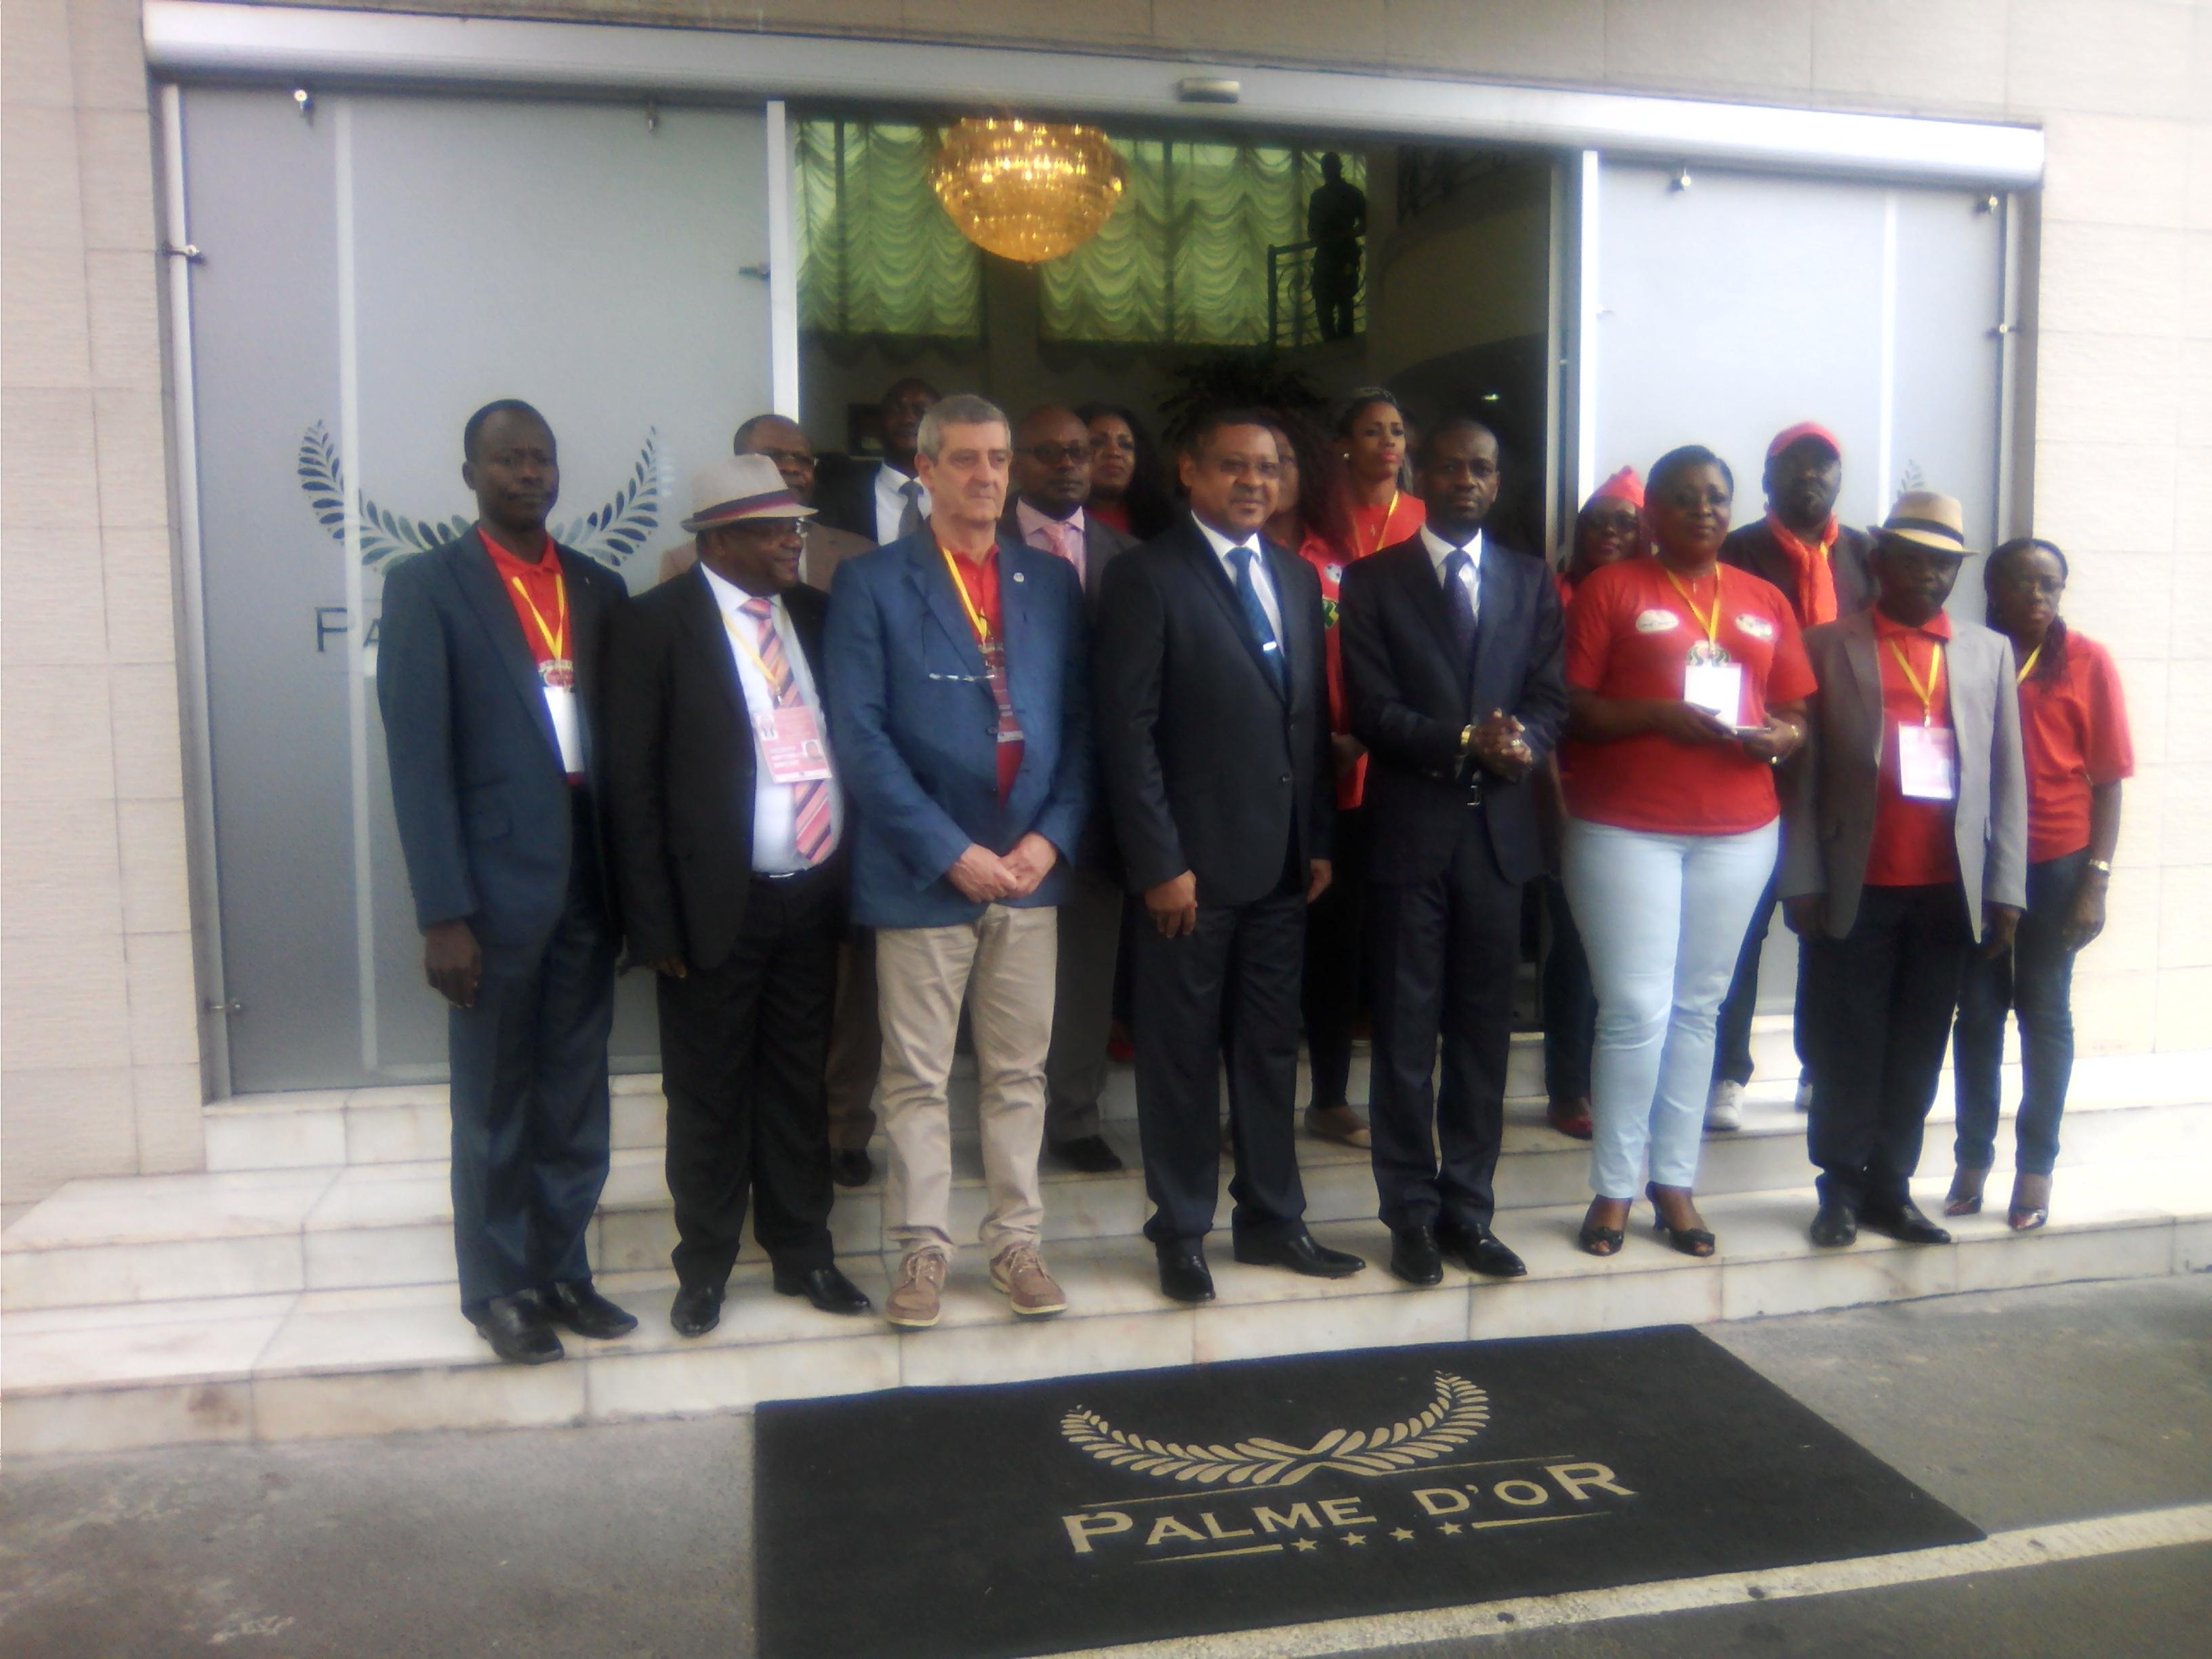 Congrès régional des services publics et assimilés de l'Afrique Francophone: ouverture des travaux!